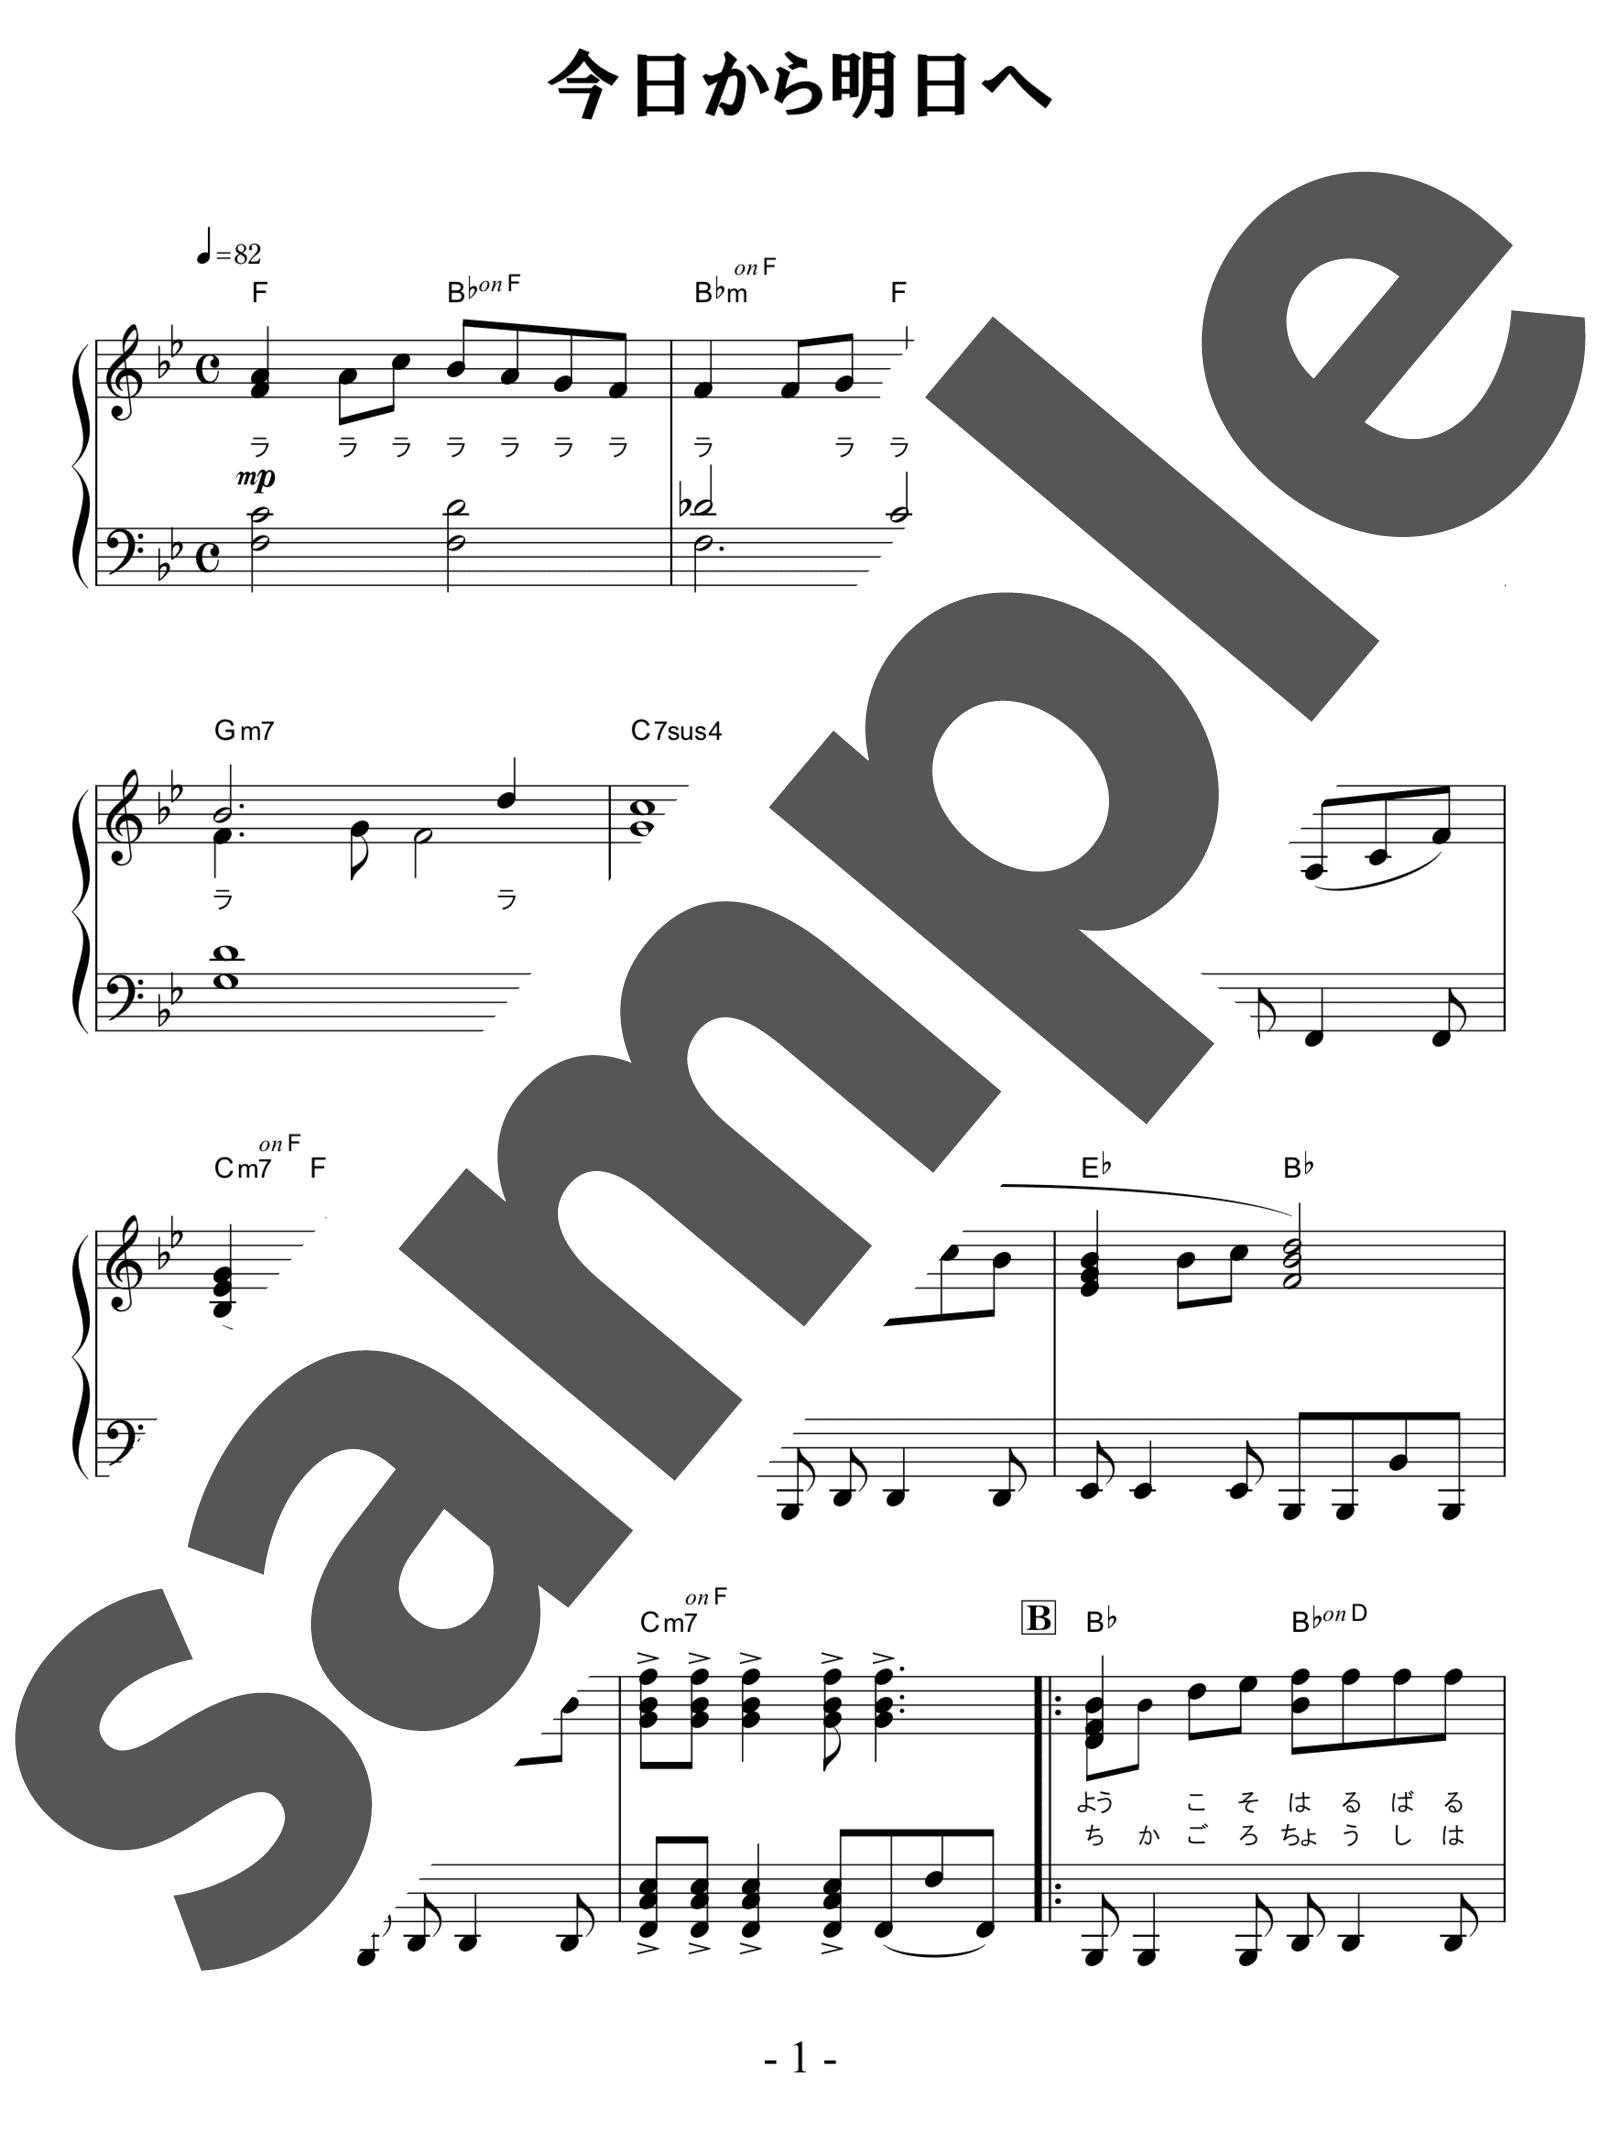 「今日から明日へ」のサンプル楽譜